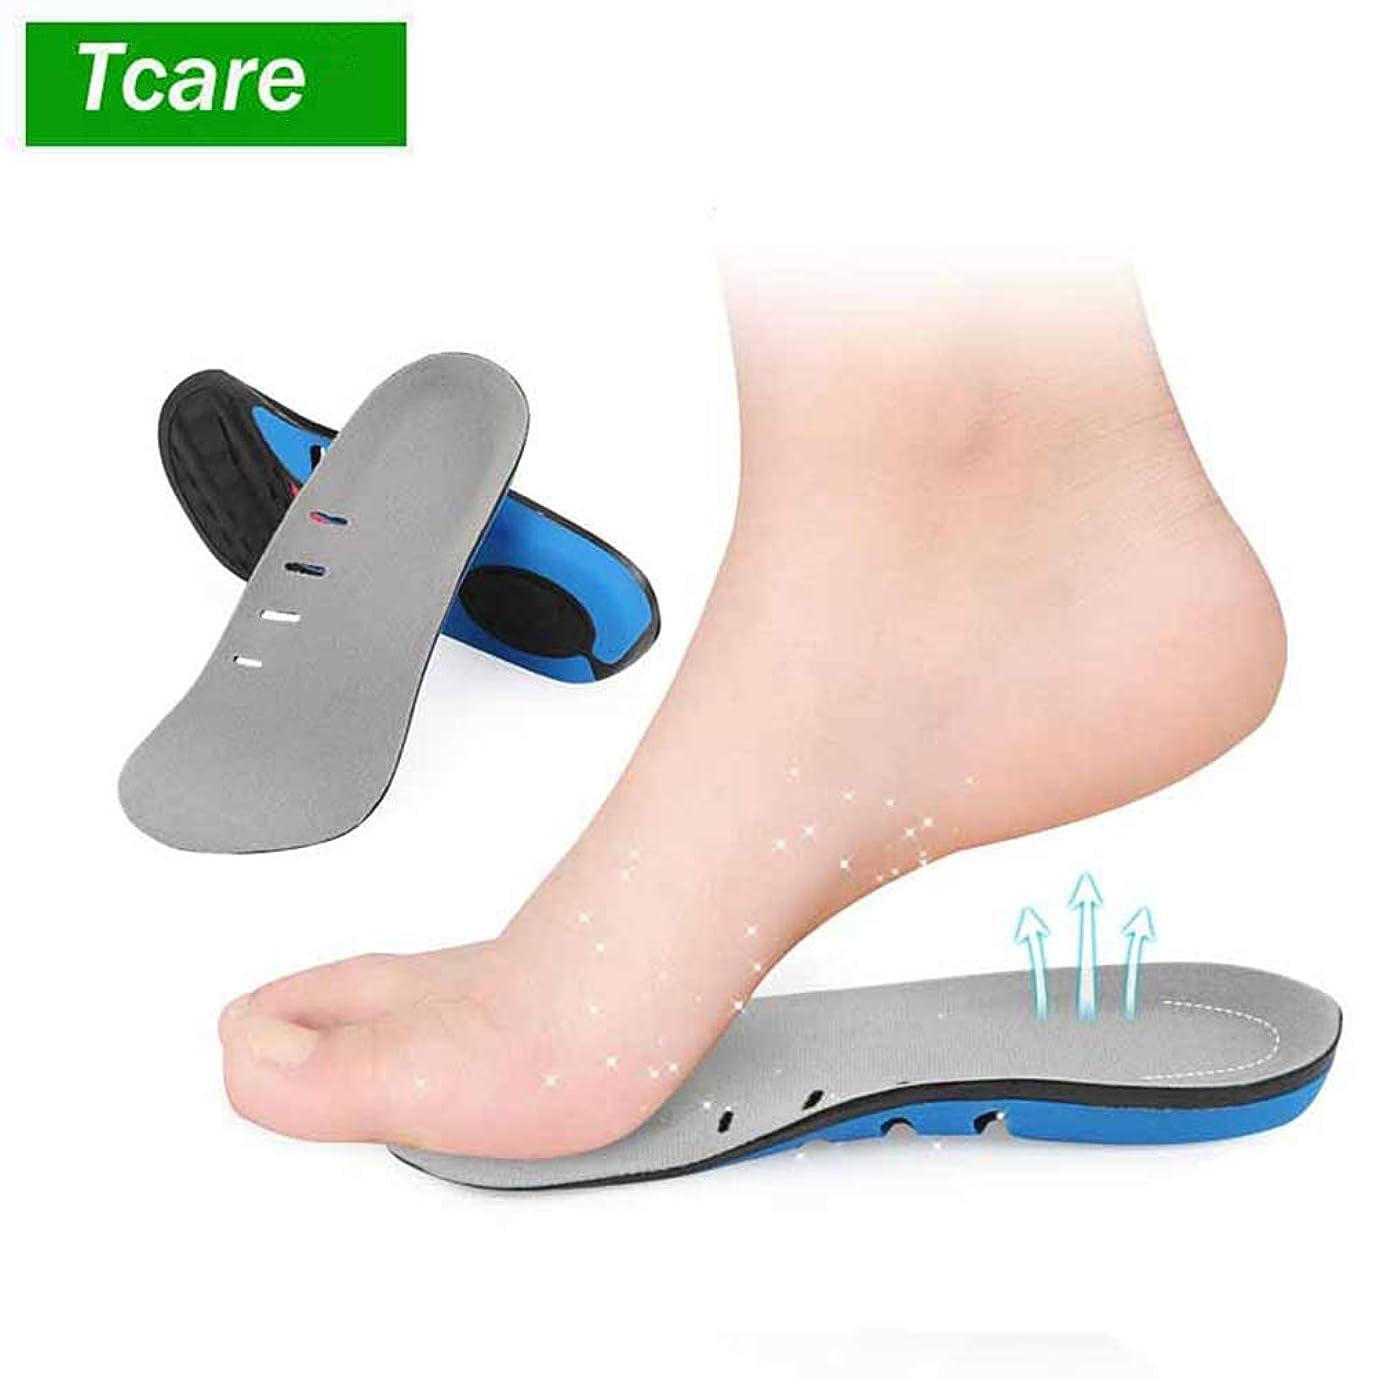 露骨なもっとリダクター靴のマッサージシューズのインソールは、男性用/女性用の足底筋膜炎用インソール